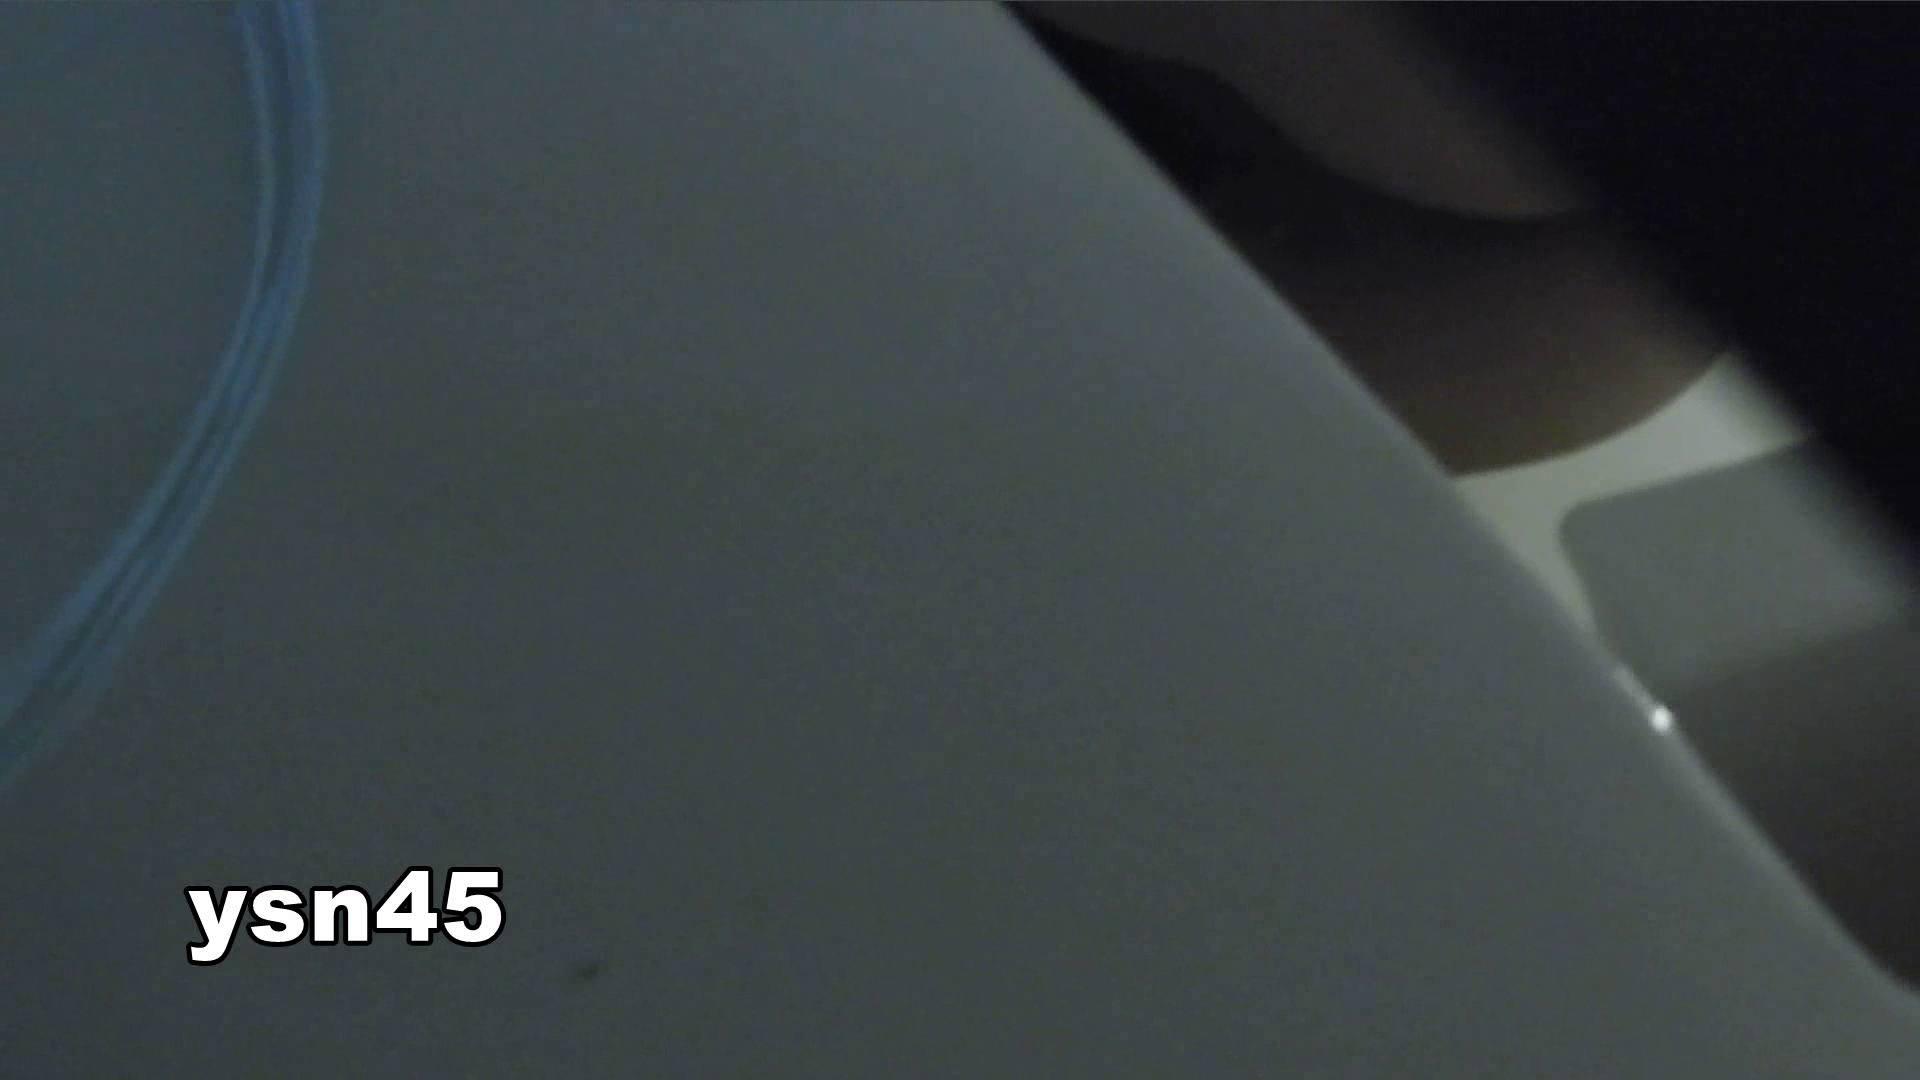 世界の射窓から vol.45 尻出しスマホ OLのボディ | 洗面所  87PIX 19